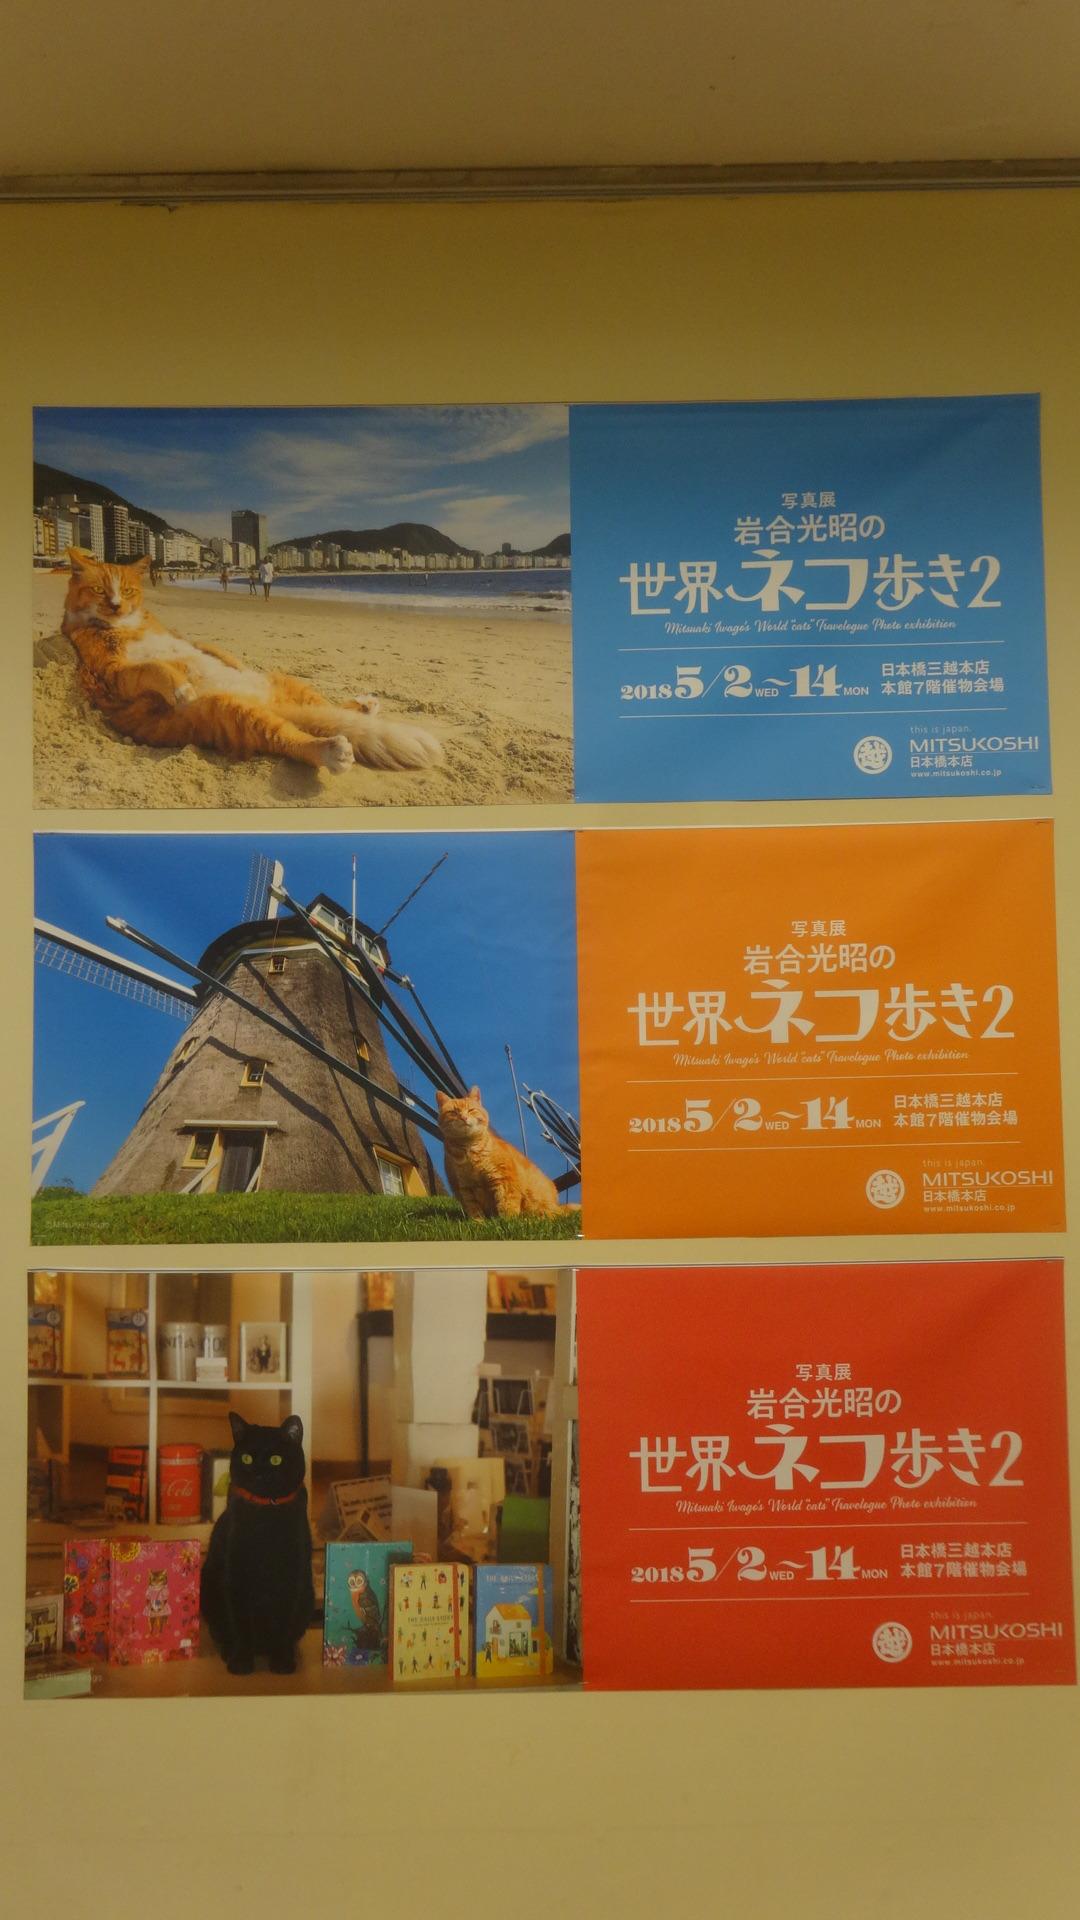 岩合さんの写真展のポスター